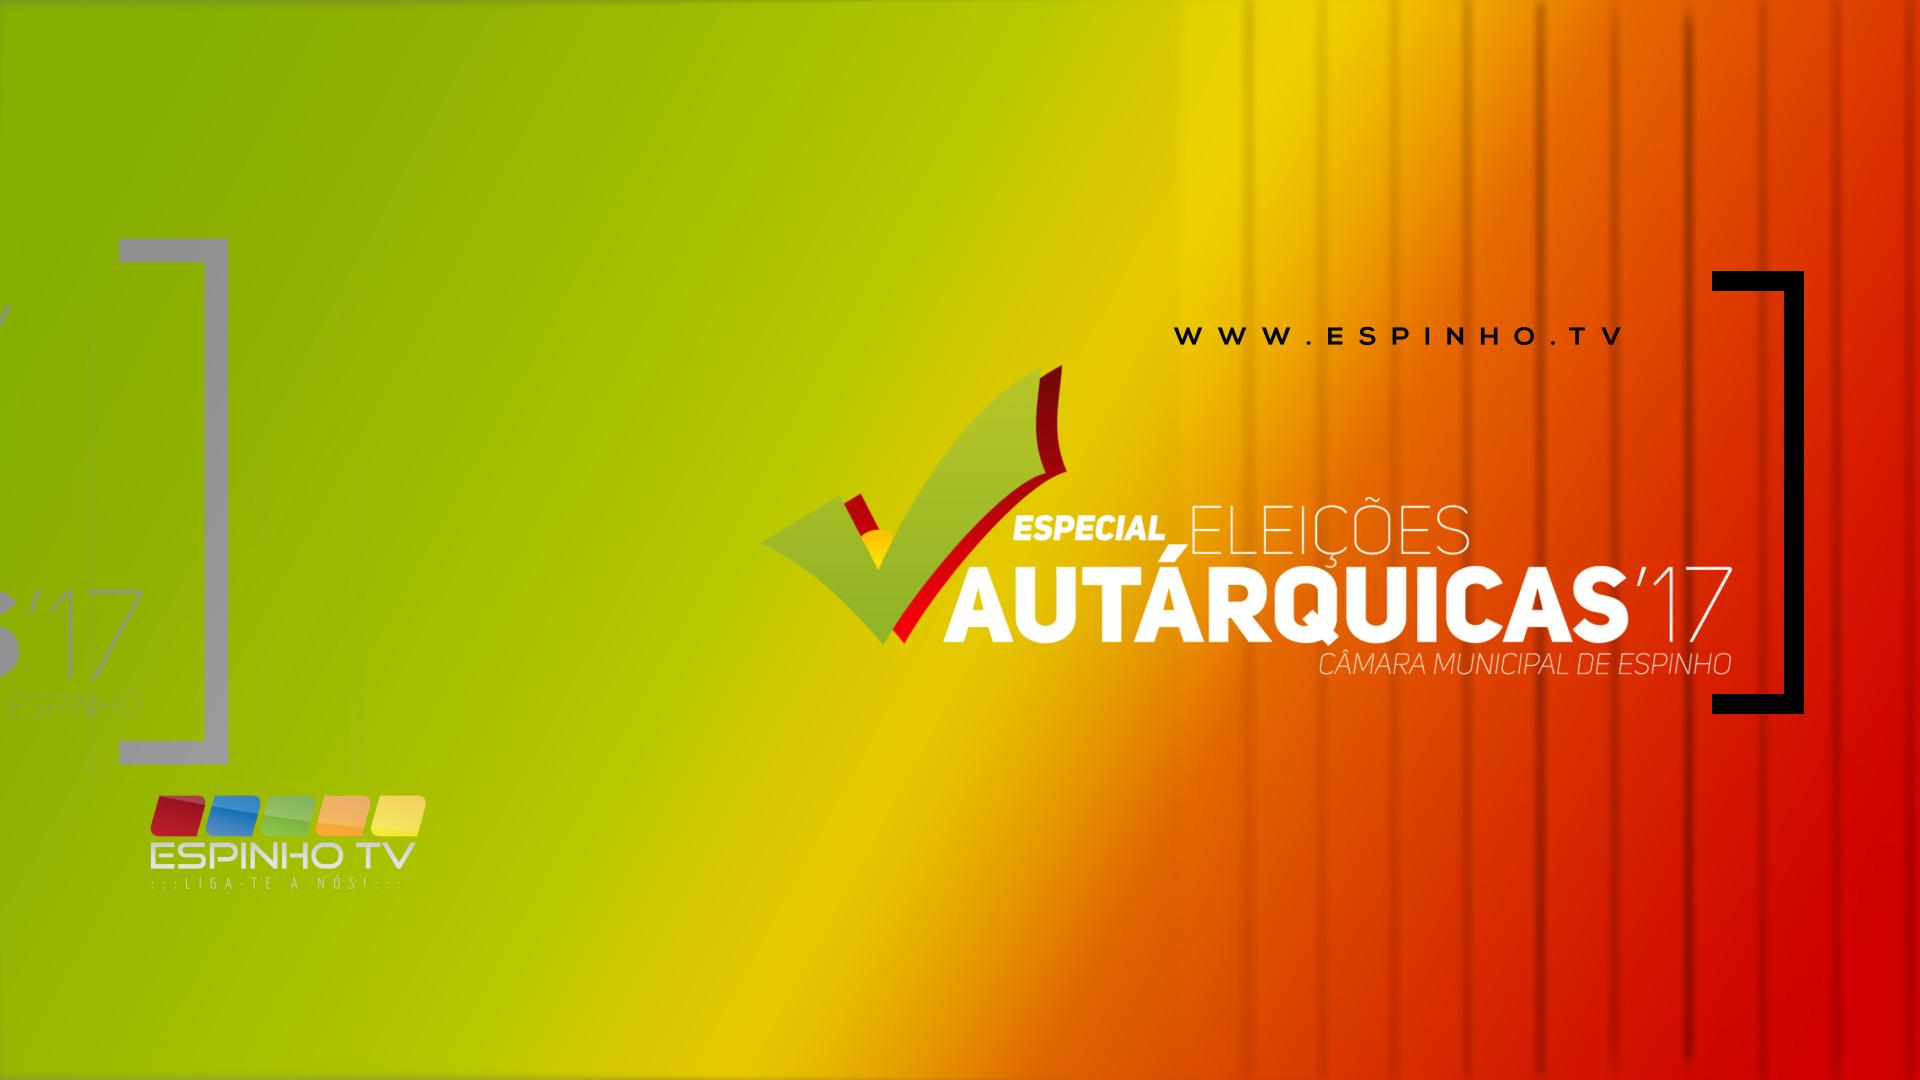 Especial EspinhoTV Eleições Autárquicas 2017 – 7 Dias, 7 Entrevistas